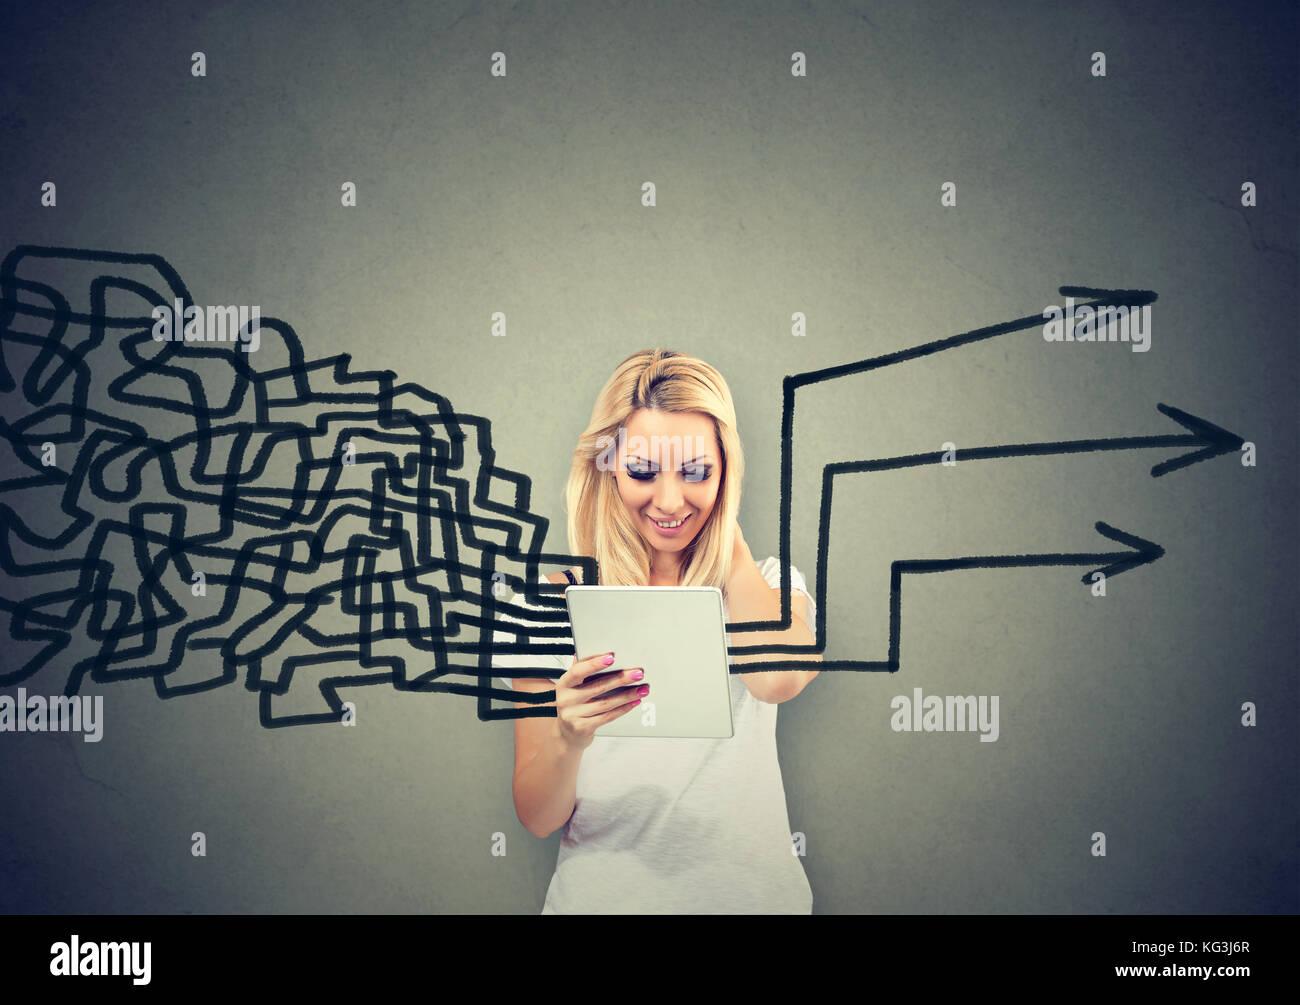 Mujer con tablet pc obteniendo sus pensamientos juntos en la planeación aislado sobre fondo de pared gris Imagen De Stock